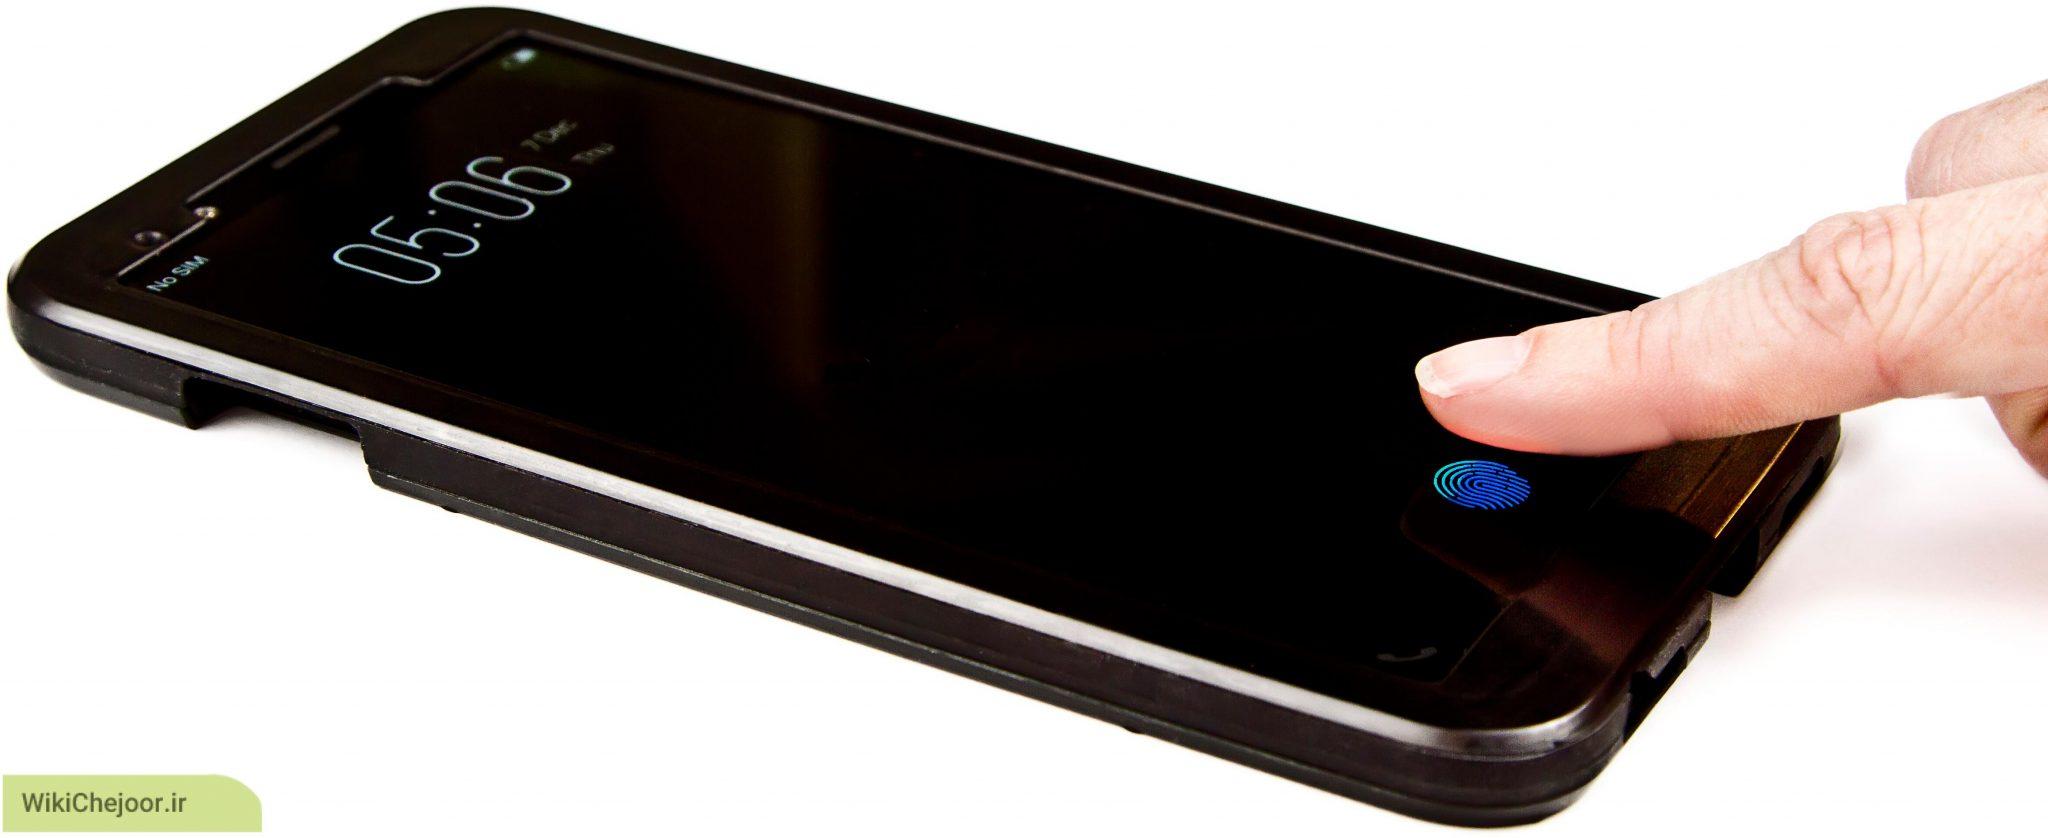 اسکنر اثر انگشت خازنی ( Capacitive fingerprint scanner )